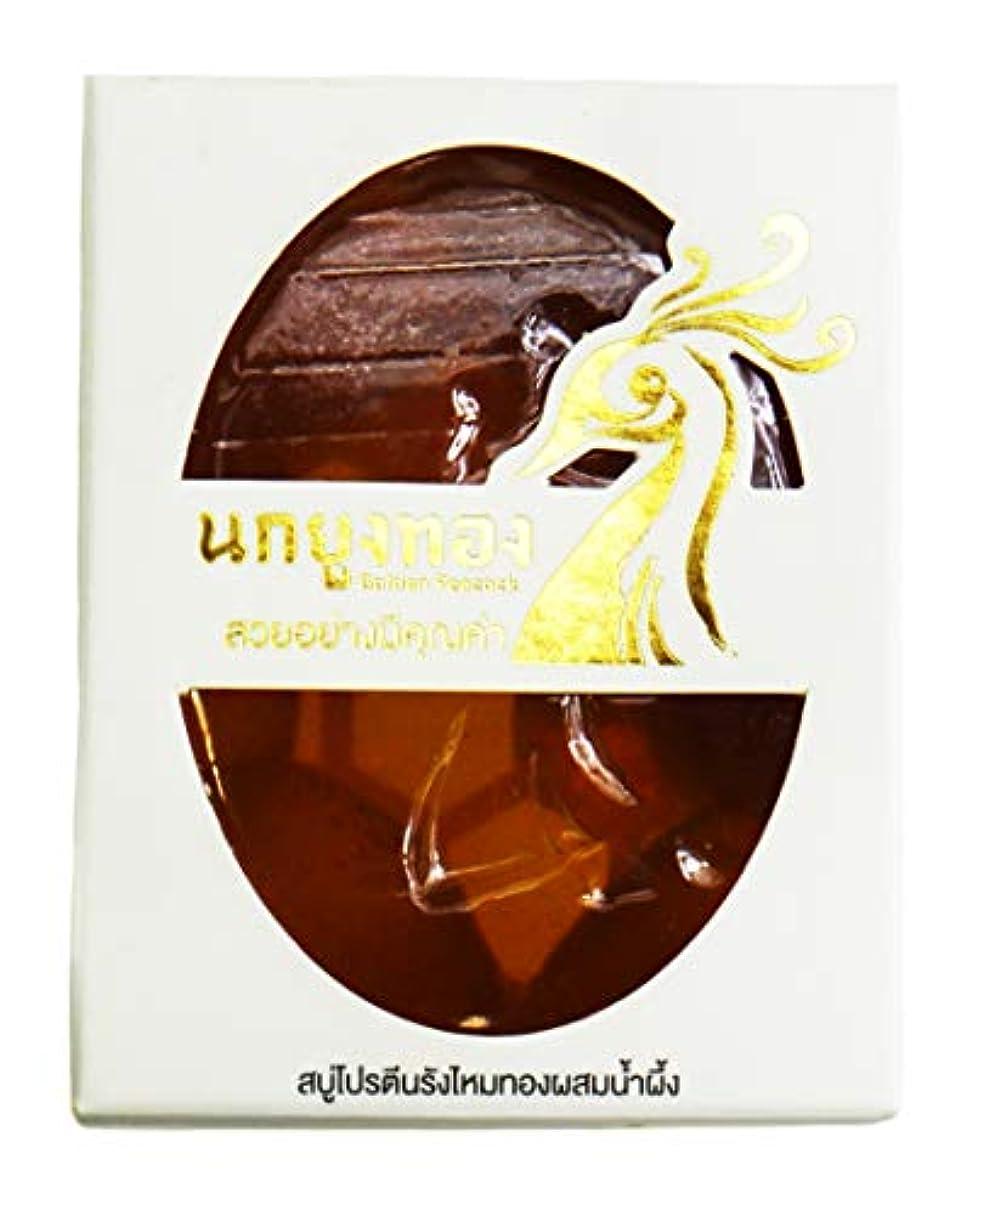 ベアリングサークルサスティーンベアリングサークルまゆ玉蜂蜜石鹸 Thai Golden Cocoon Honey Soap 黄金繭玉入蜂蜜石鹸